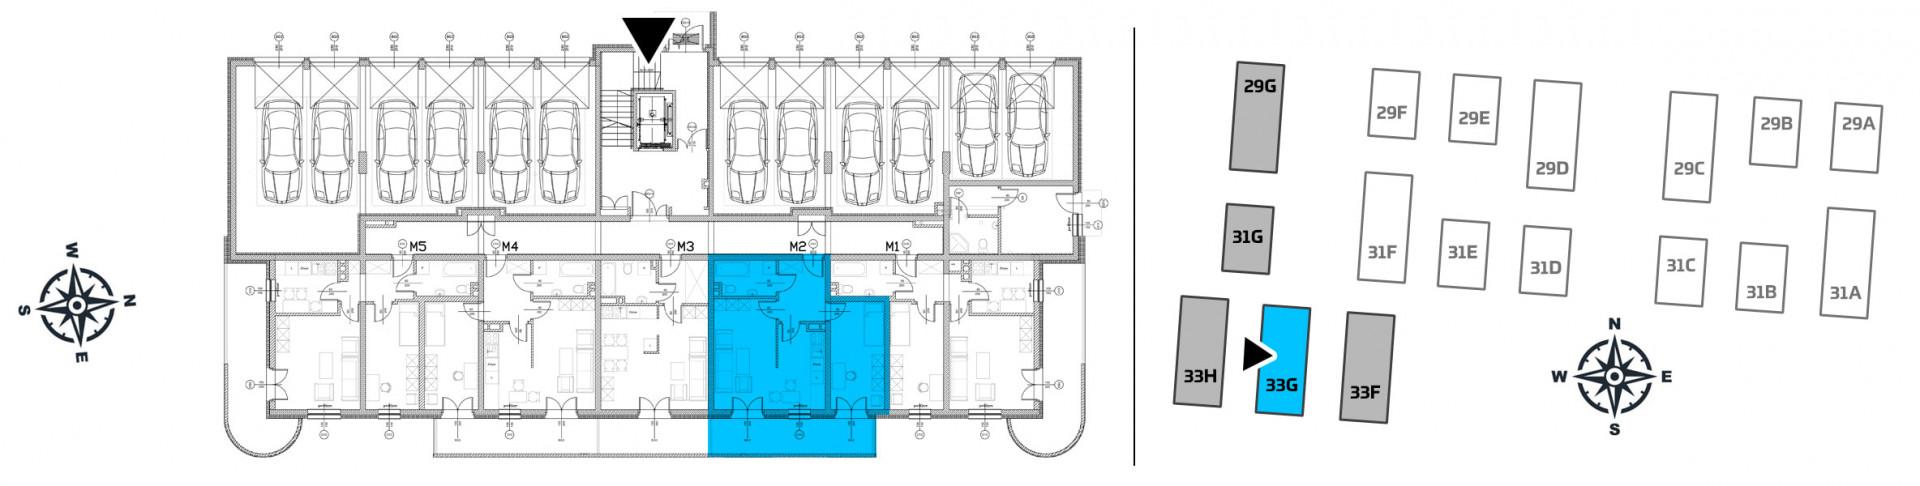 Mieszkanie dwupokojowe 33G/2 rzut 2